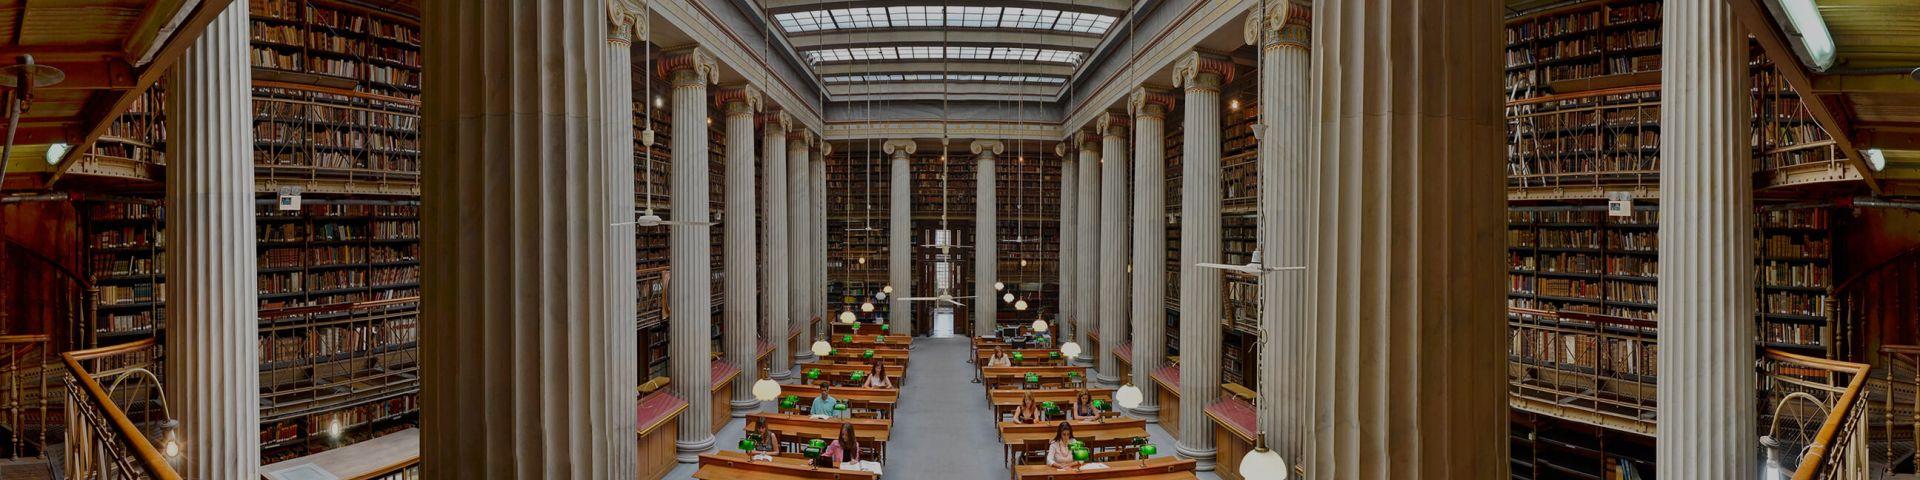 Εθνική Βιβλιοθήκη της Ελλάδος - Εικόνα